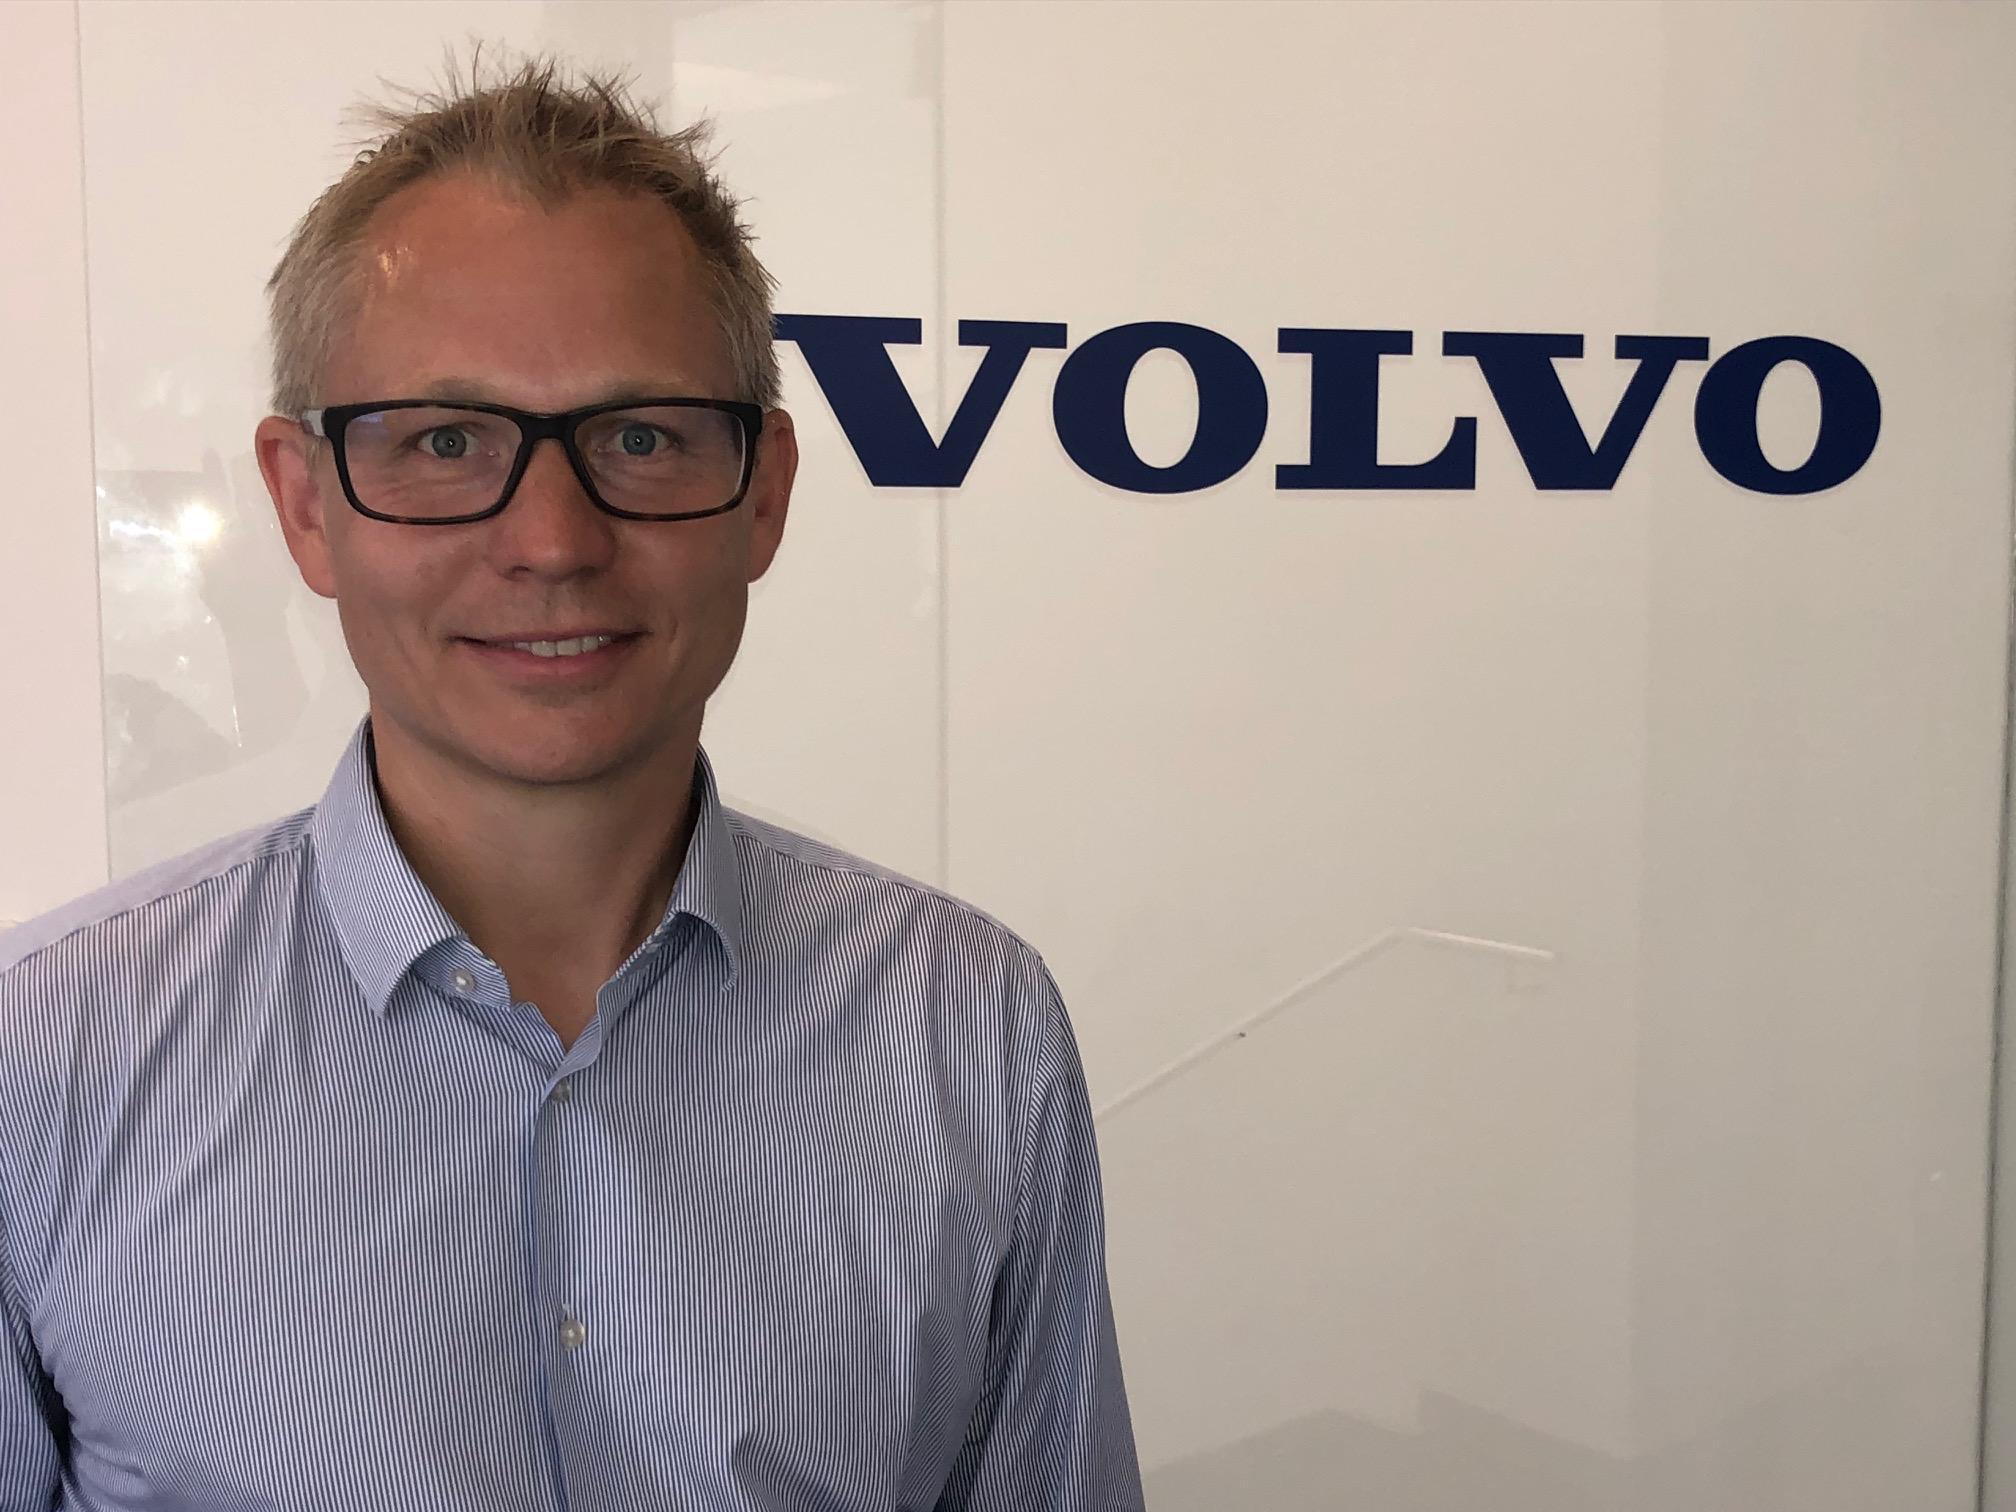 d856dc27 Ny mand i spidsen for Volvos salg i Danmark - Transportmagasinet